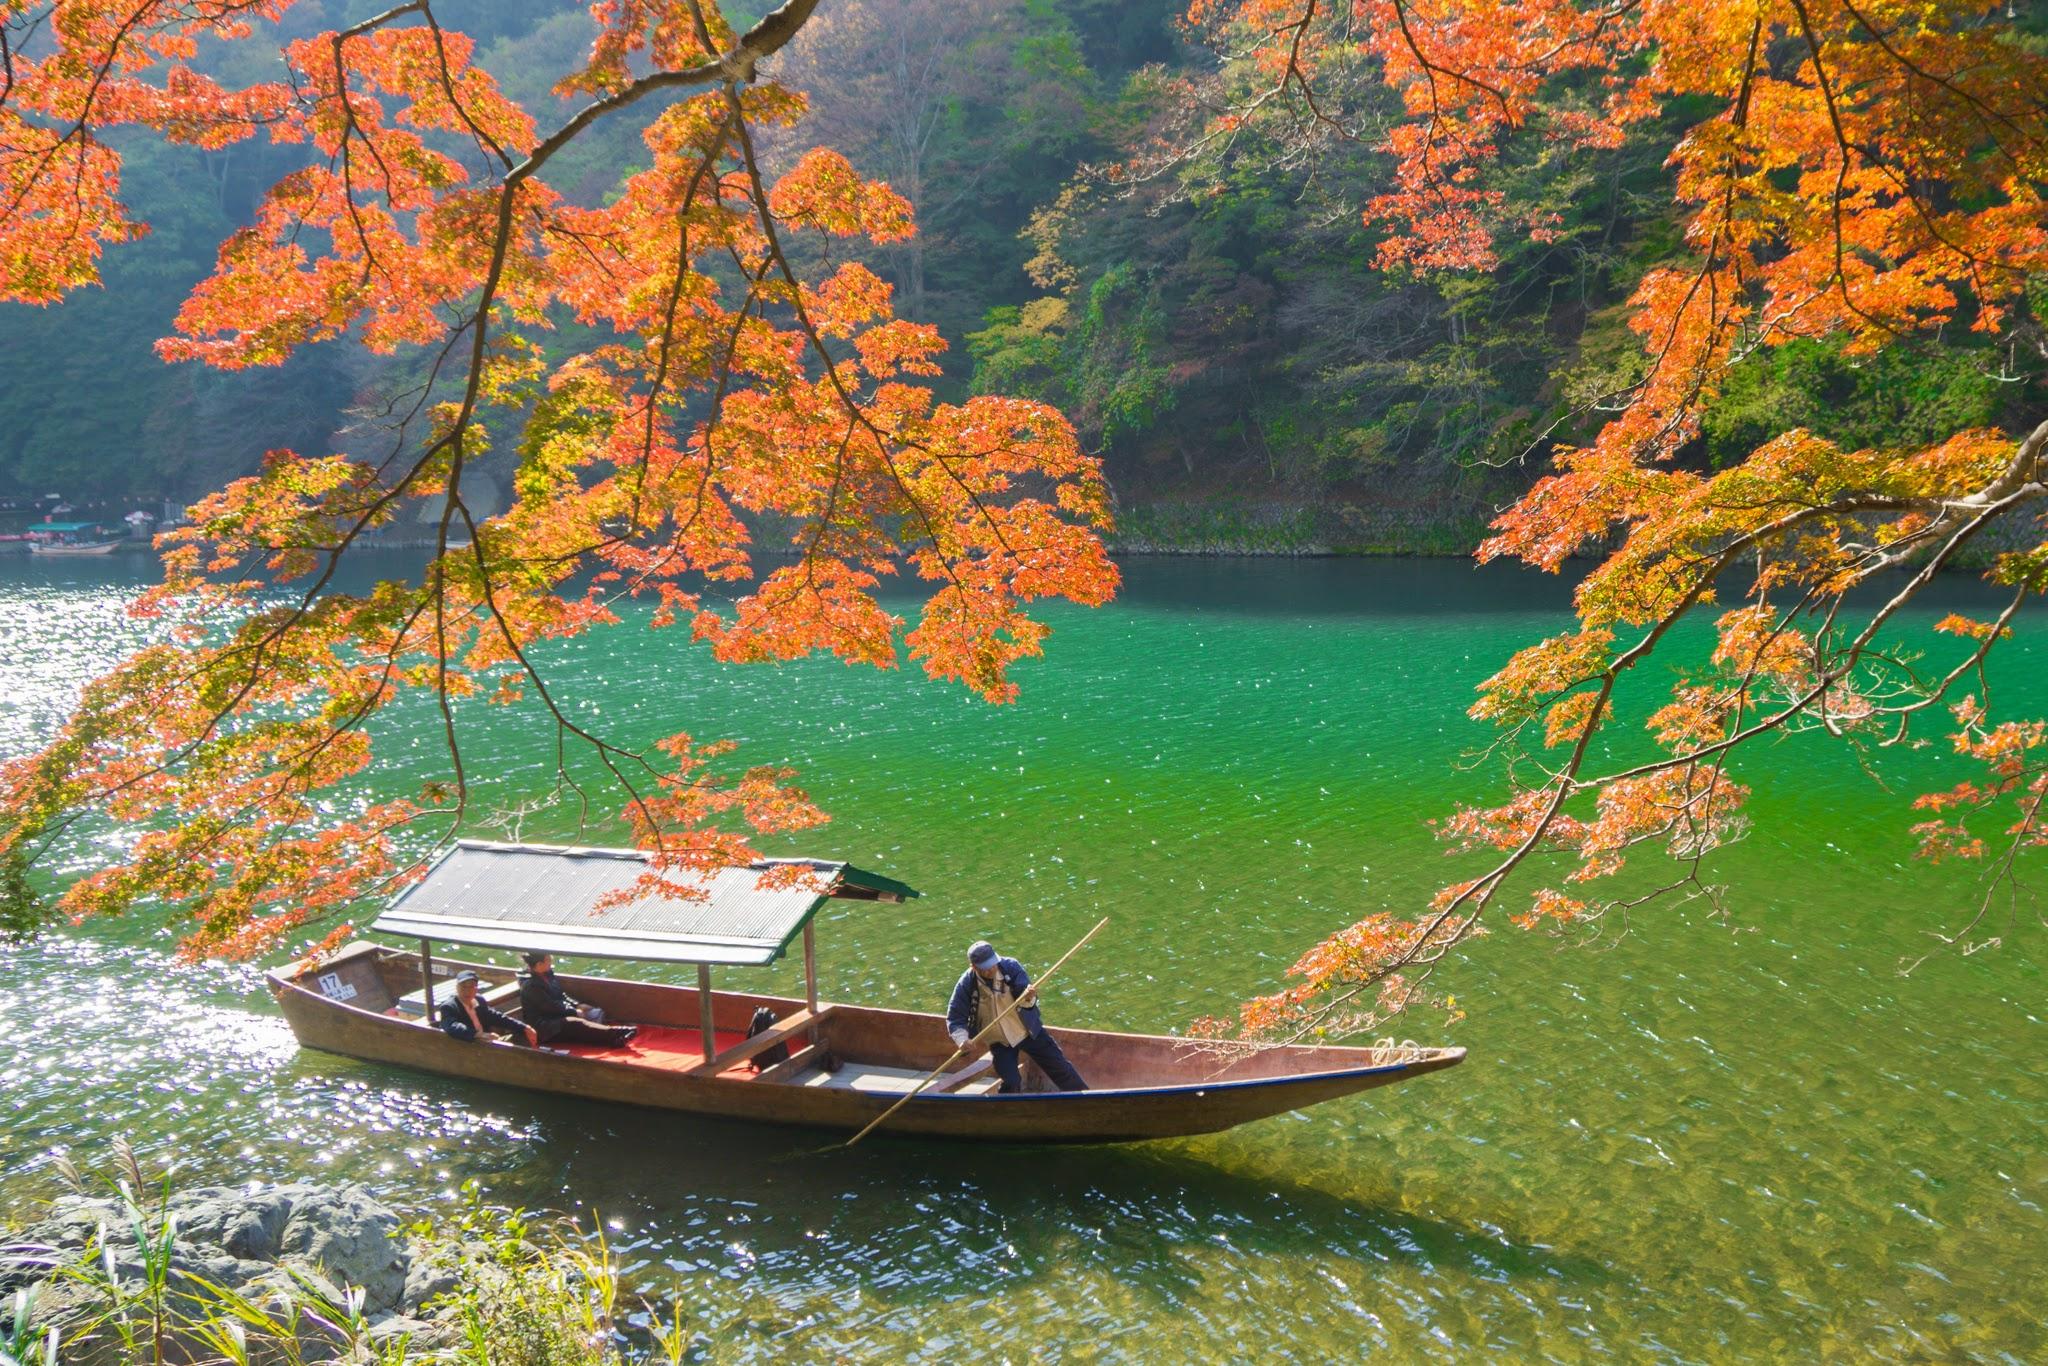 京都 嵐山 紅葉 アイキャッチ画像